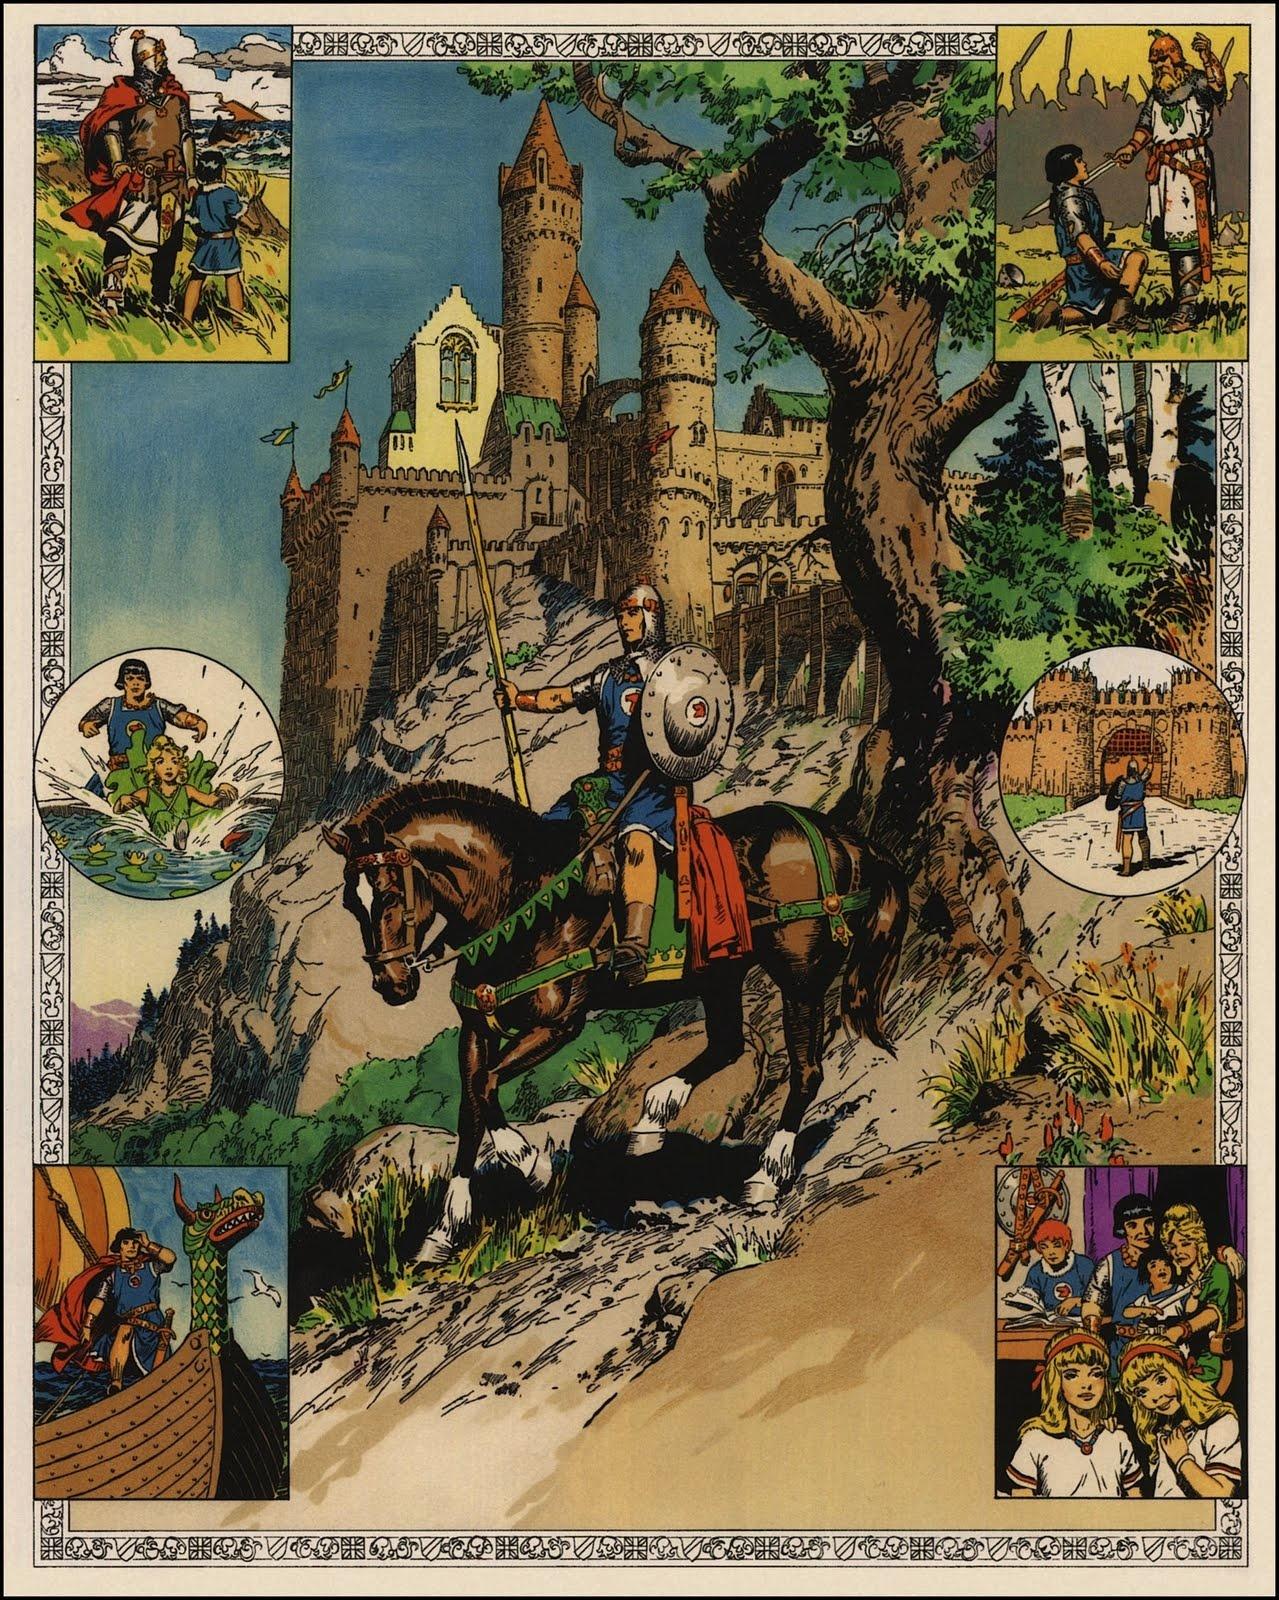 Prince Vaillant, la vision héroïque et hollywoodienne du Moyen Age